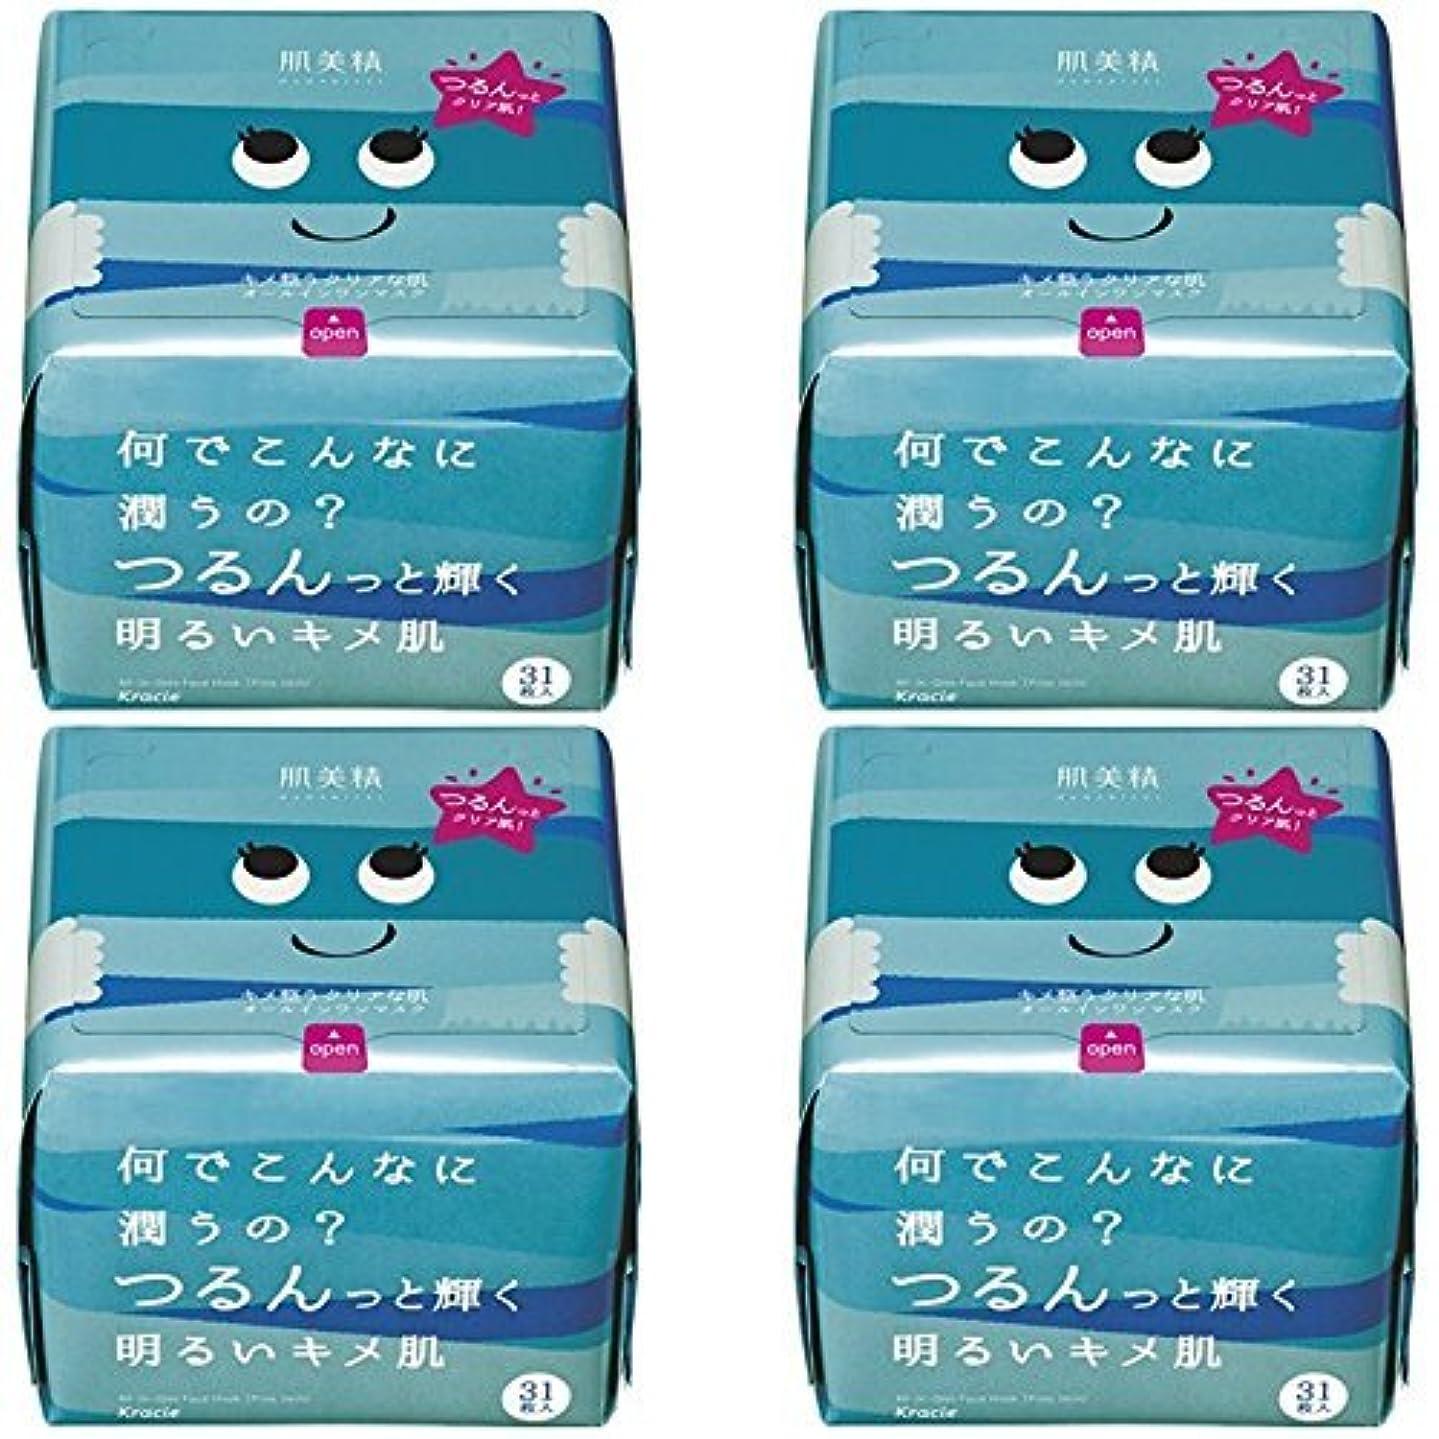 硬いスパイ工場【まとめ買い】肌美精 デイリーモイスチュアマスク (キメ透明感) 31枚【×4個】